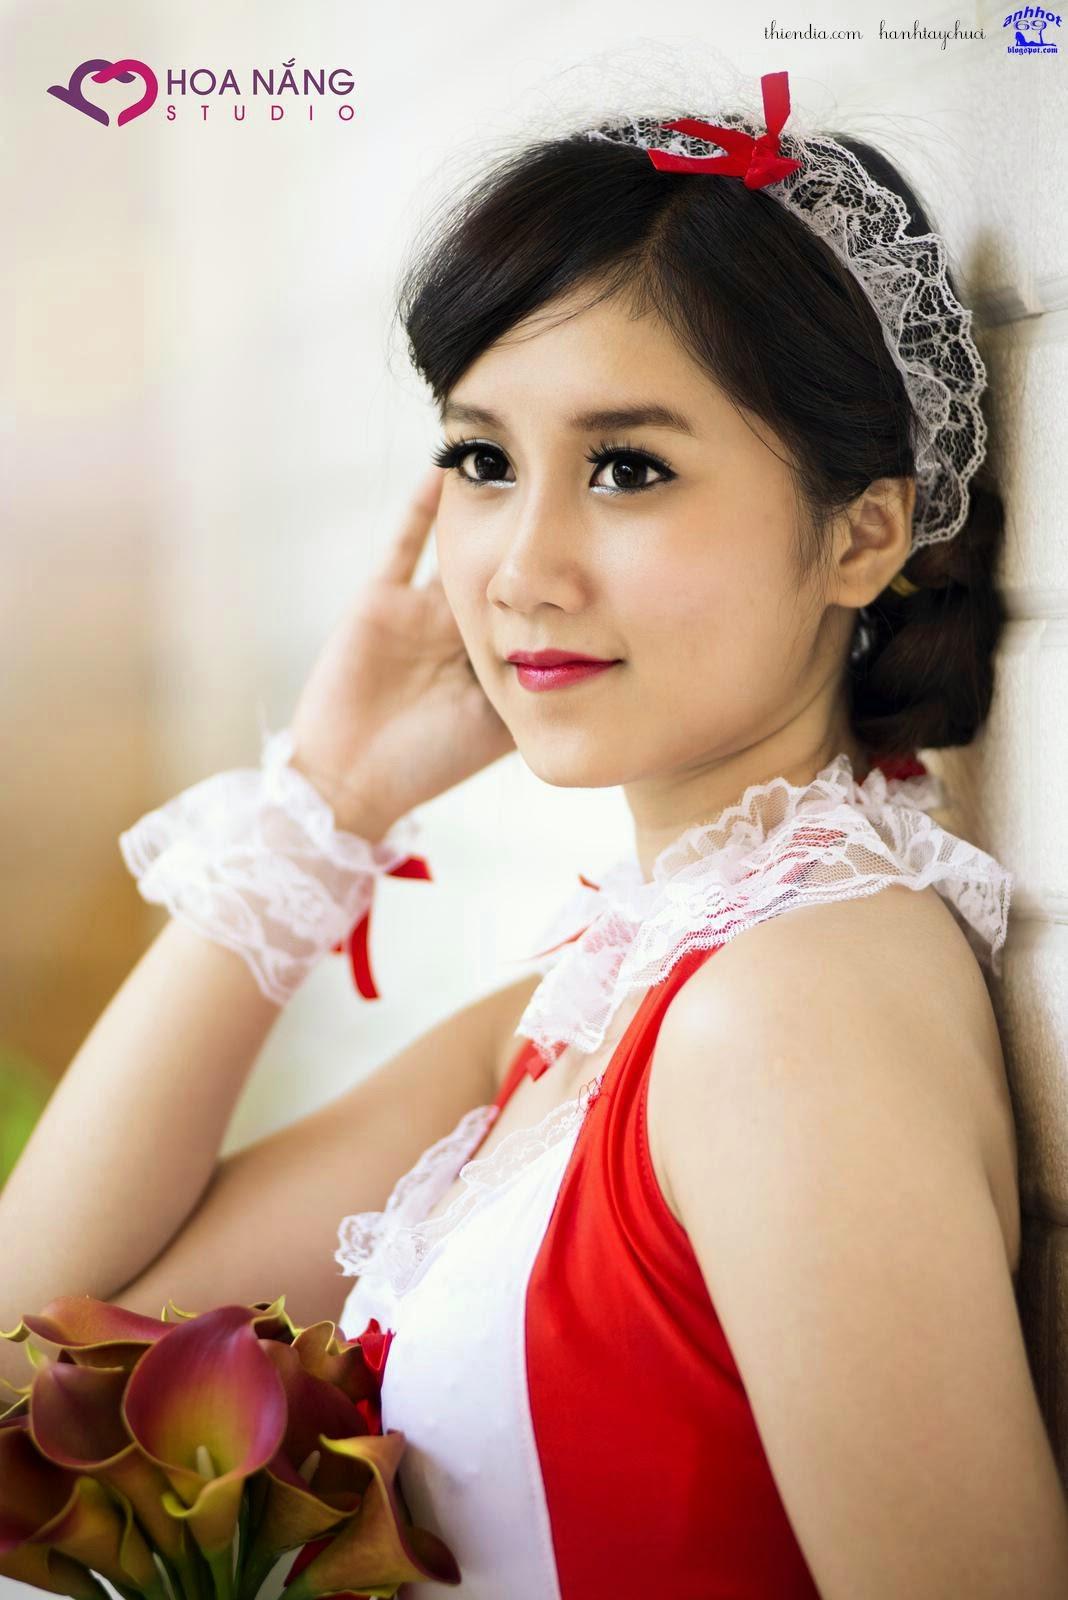 hau_ban_cute_8885510502_7e7d964871